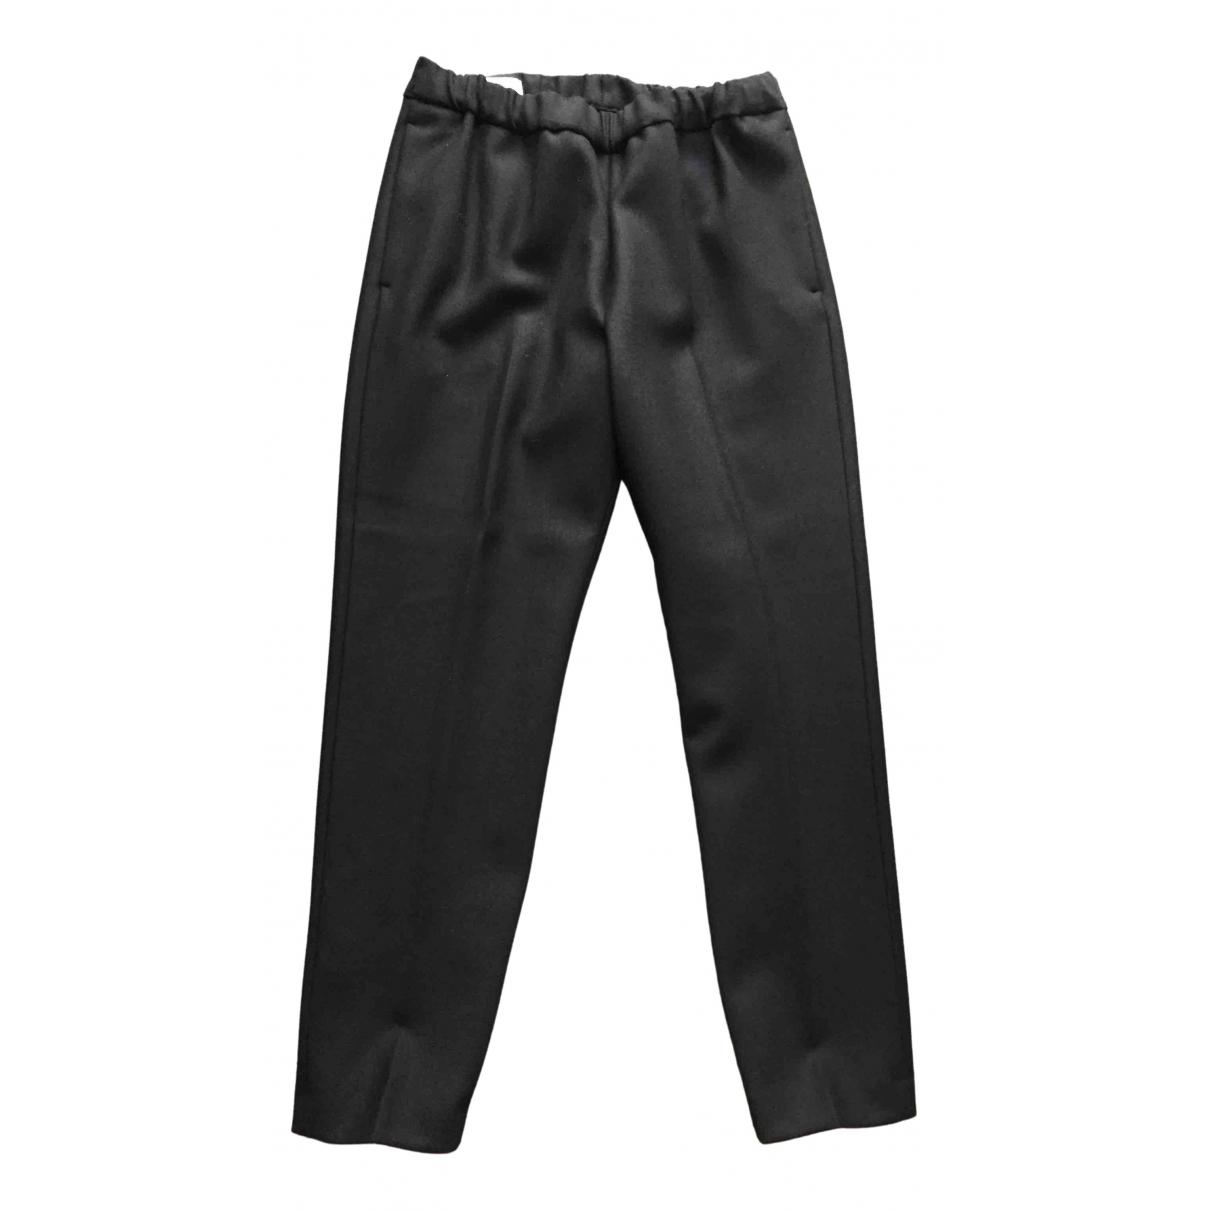 Dries Van Noten - Pantalon   pour femme en laine - noir